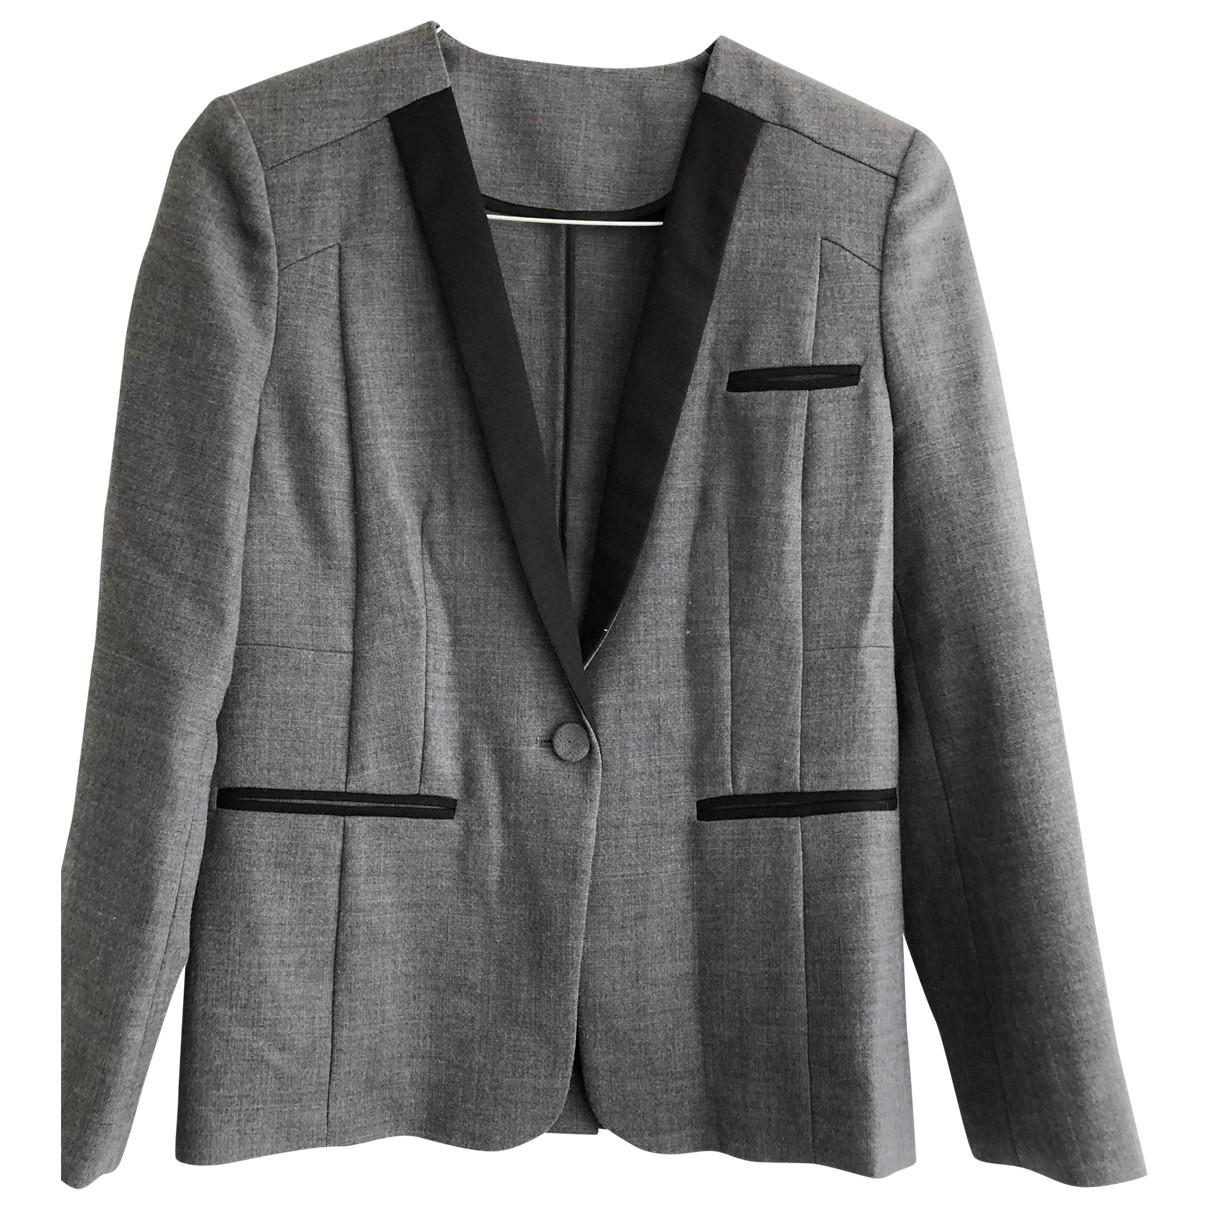 Whistles \N Grey jacket for Women 10 UK